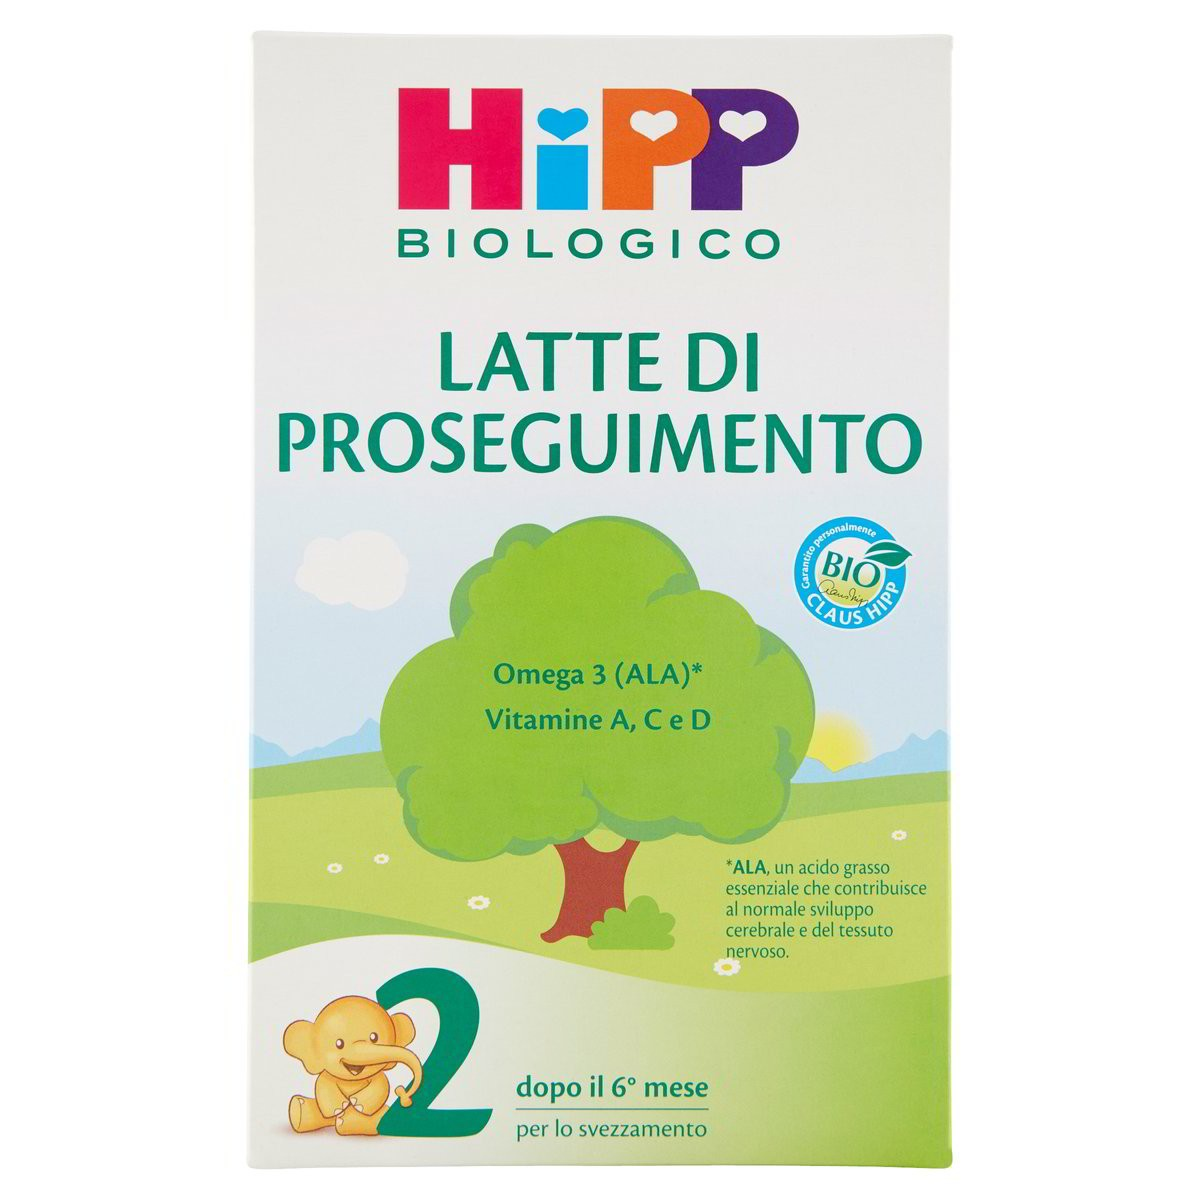 Hipp Biologico Latte in polvere di proseguimento 2